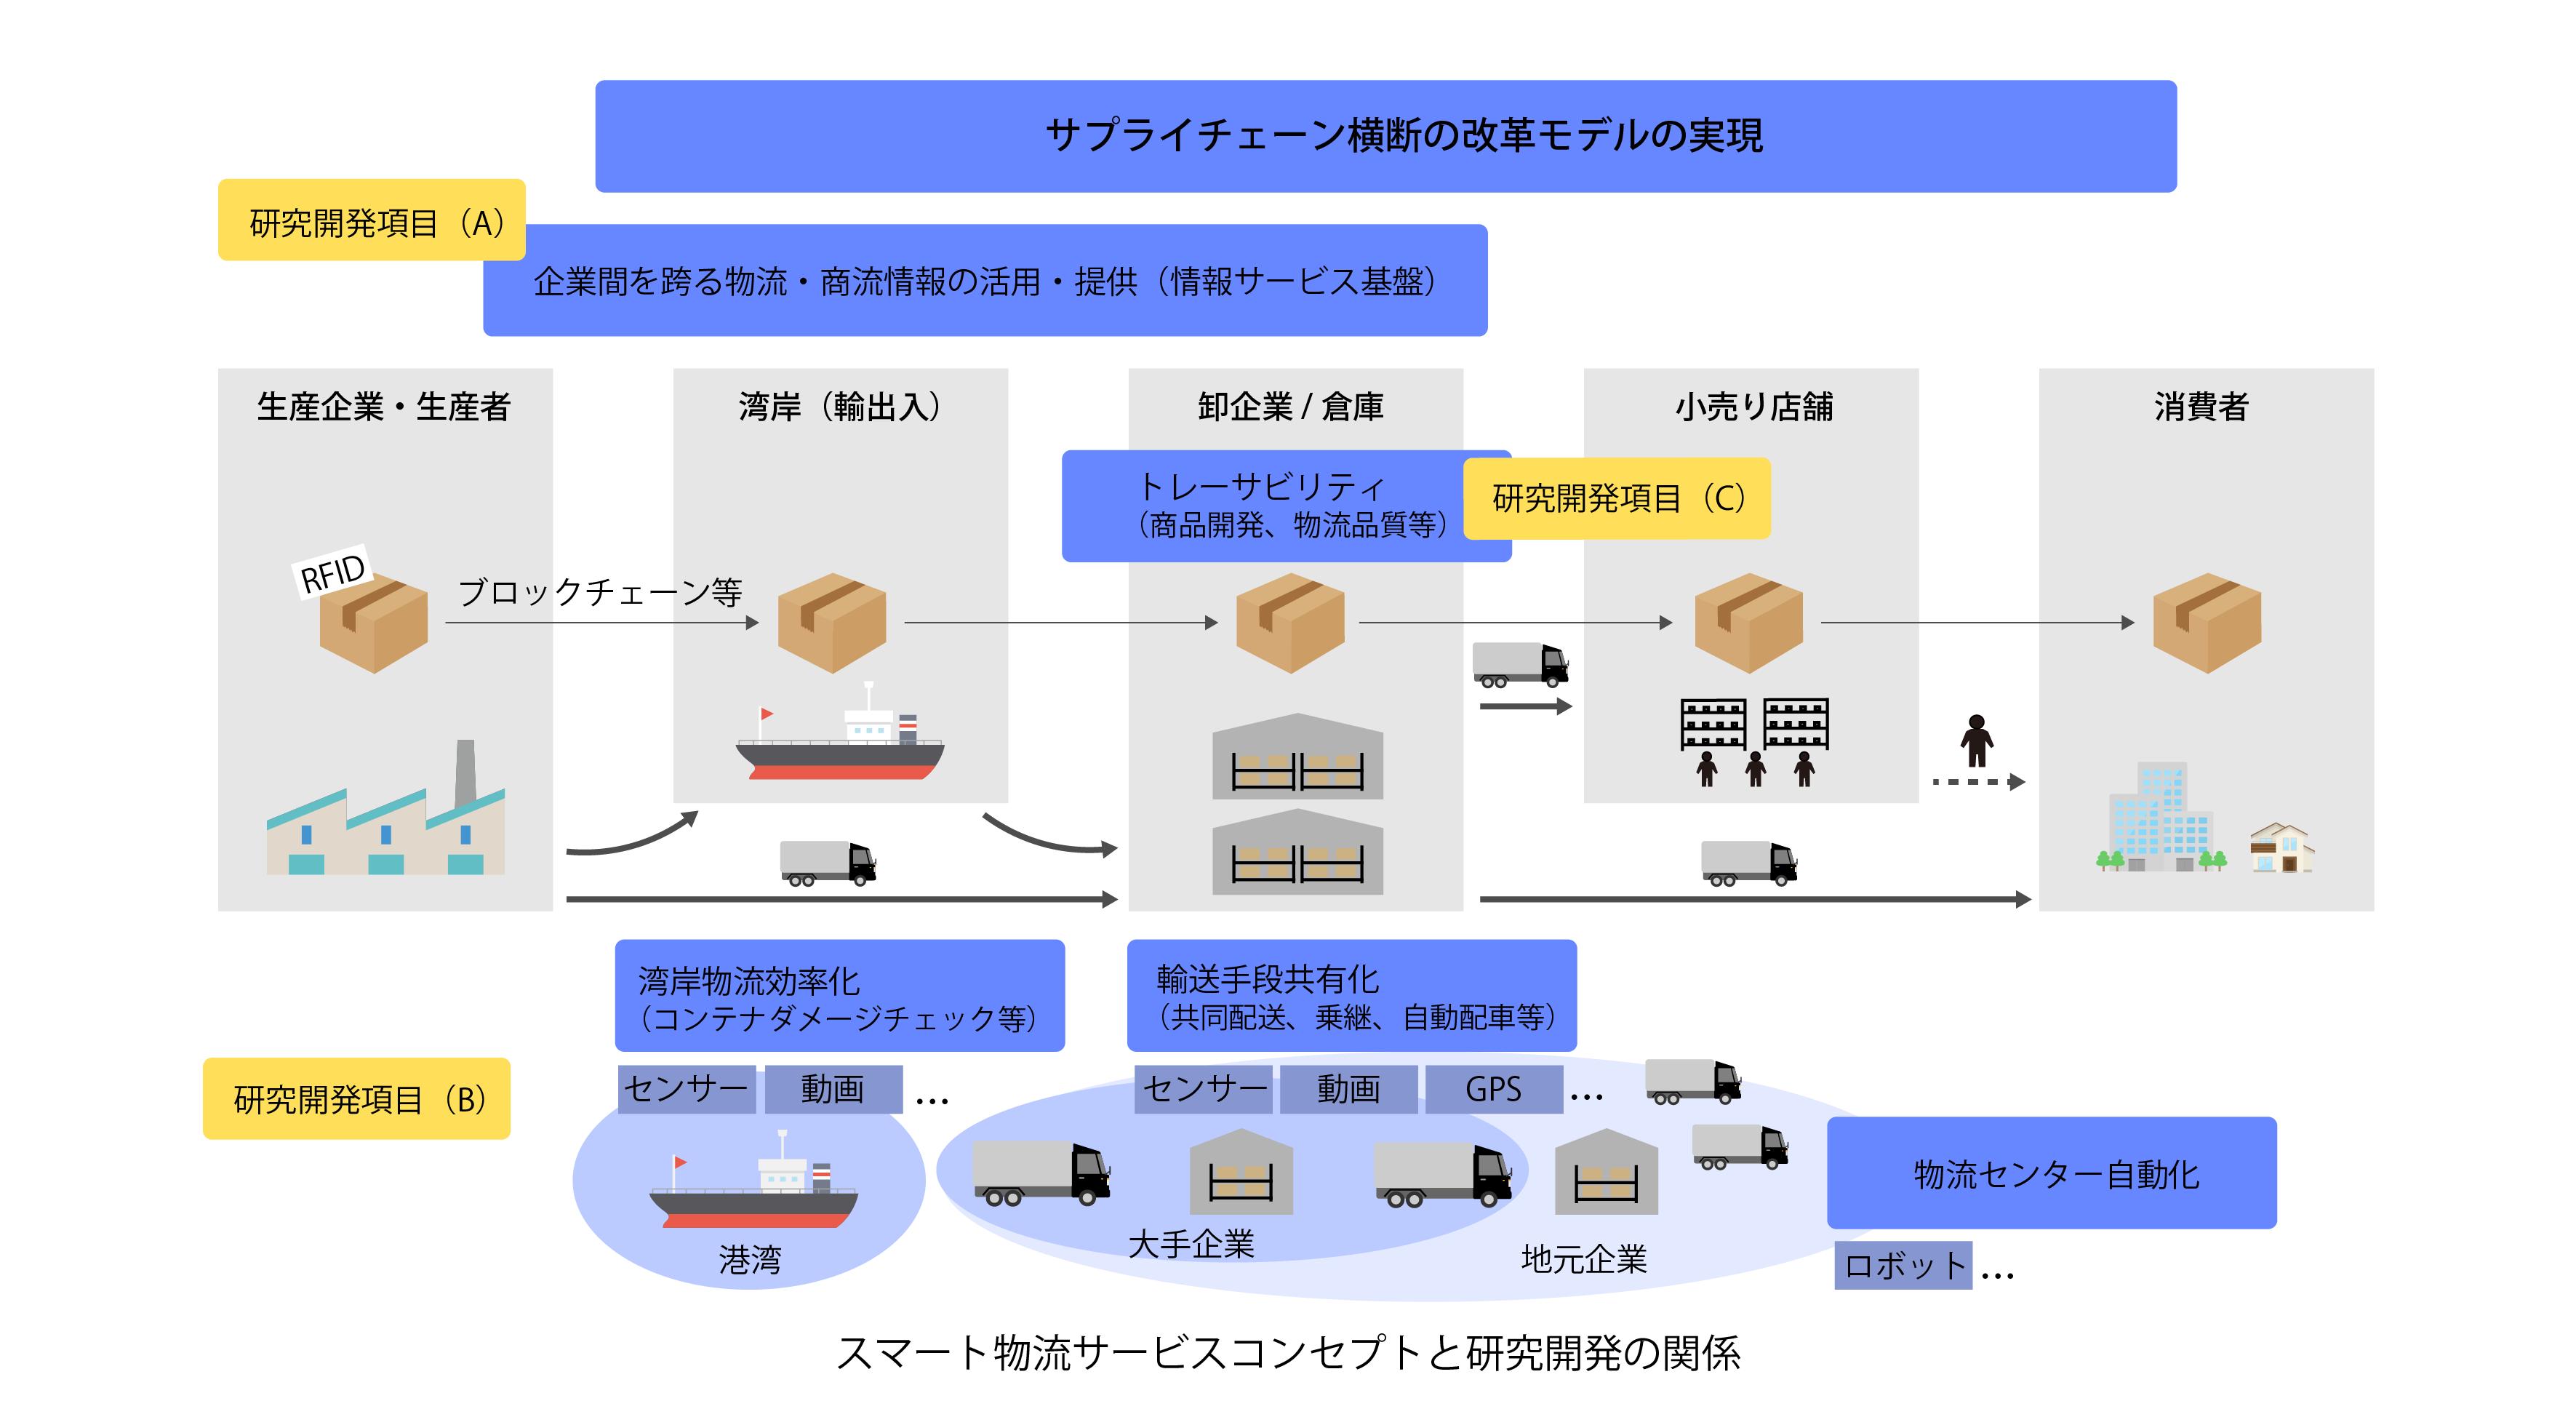 2-2スマート物流サービスコンセプトと研究開発の関係